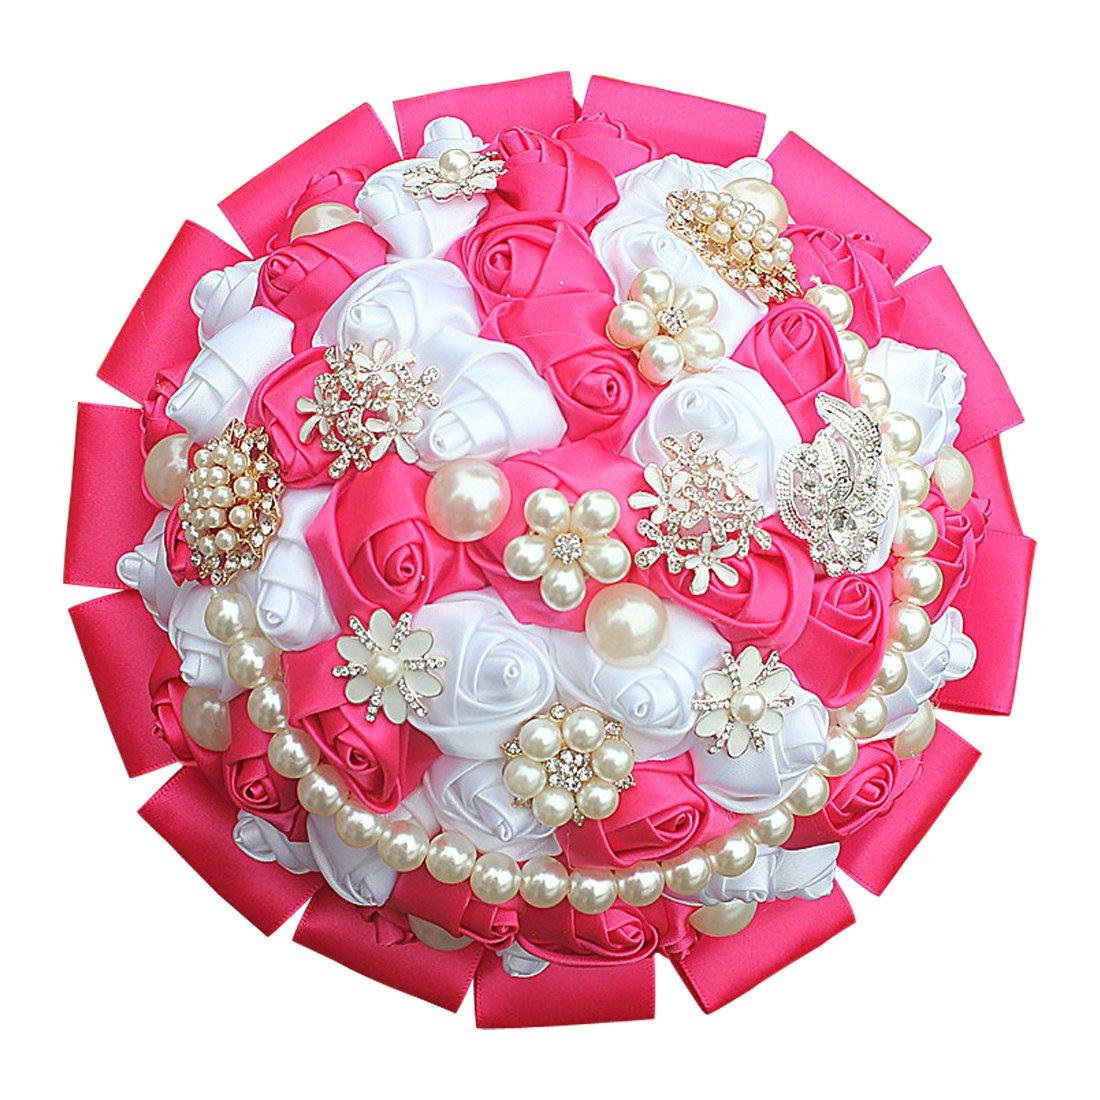 最低価格の dwedding Romantic Bride花嫁ウェディングHolding Bouquet Rosesクリスタルシルクリボン18 cm/ 7 Romantic 7